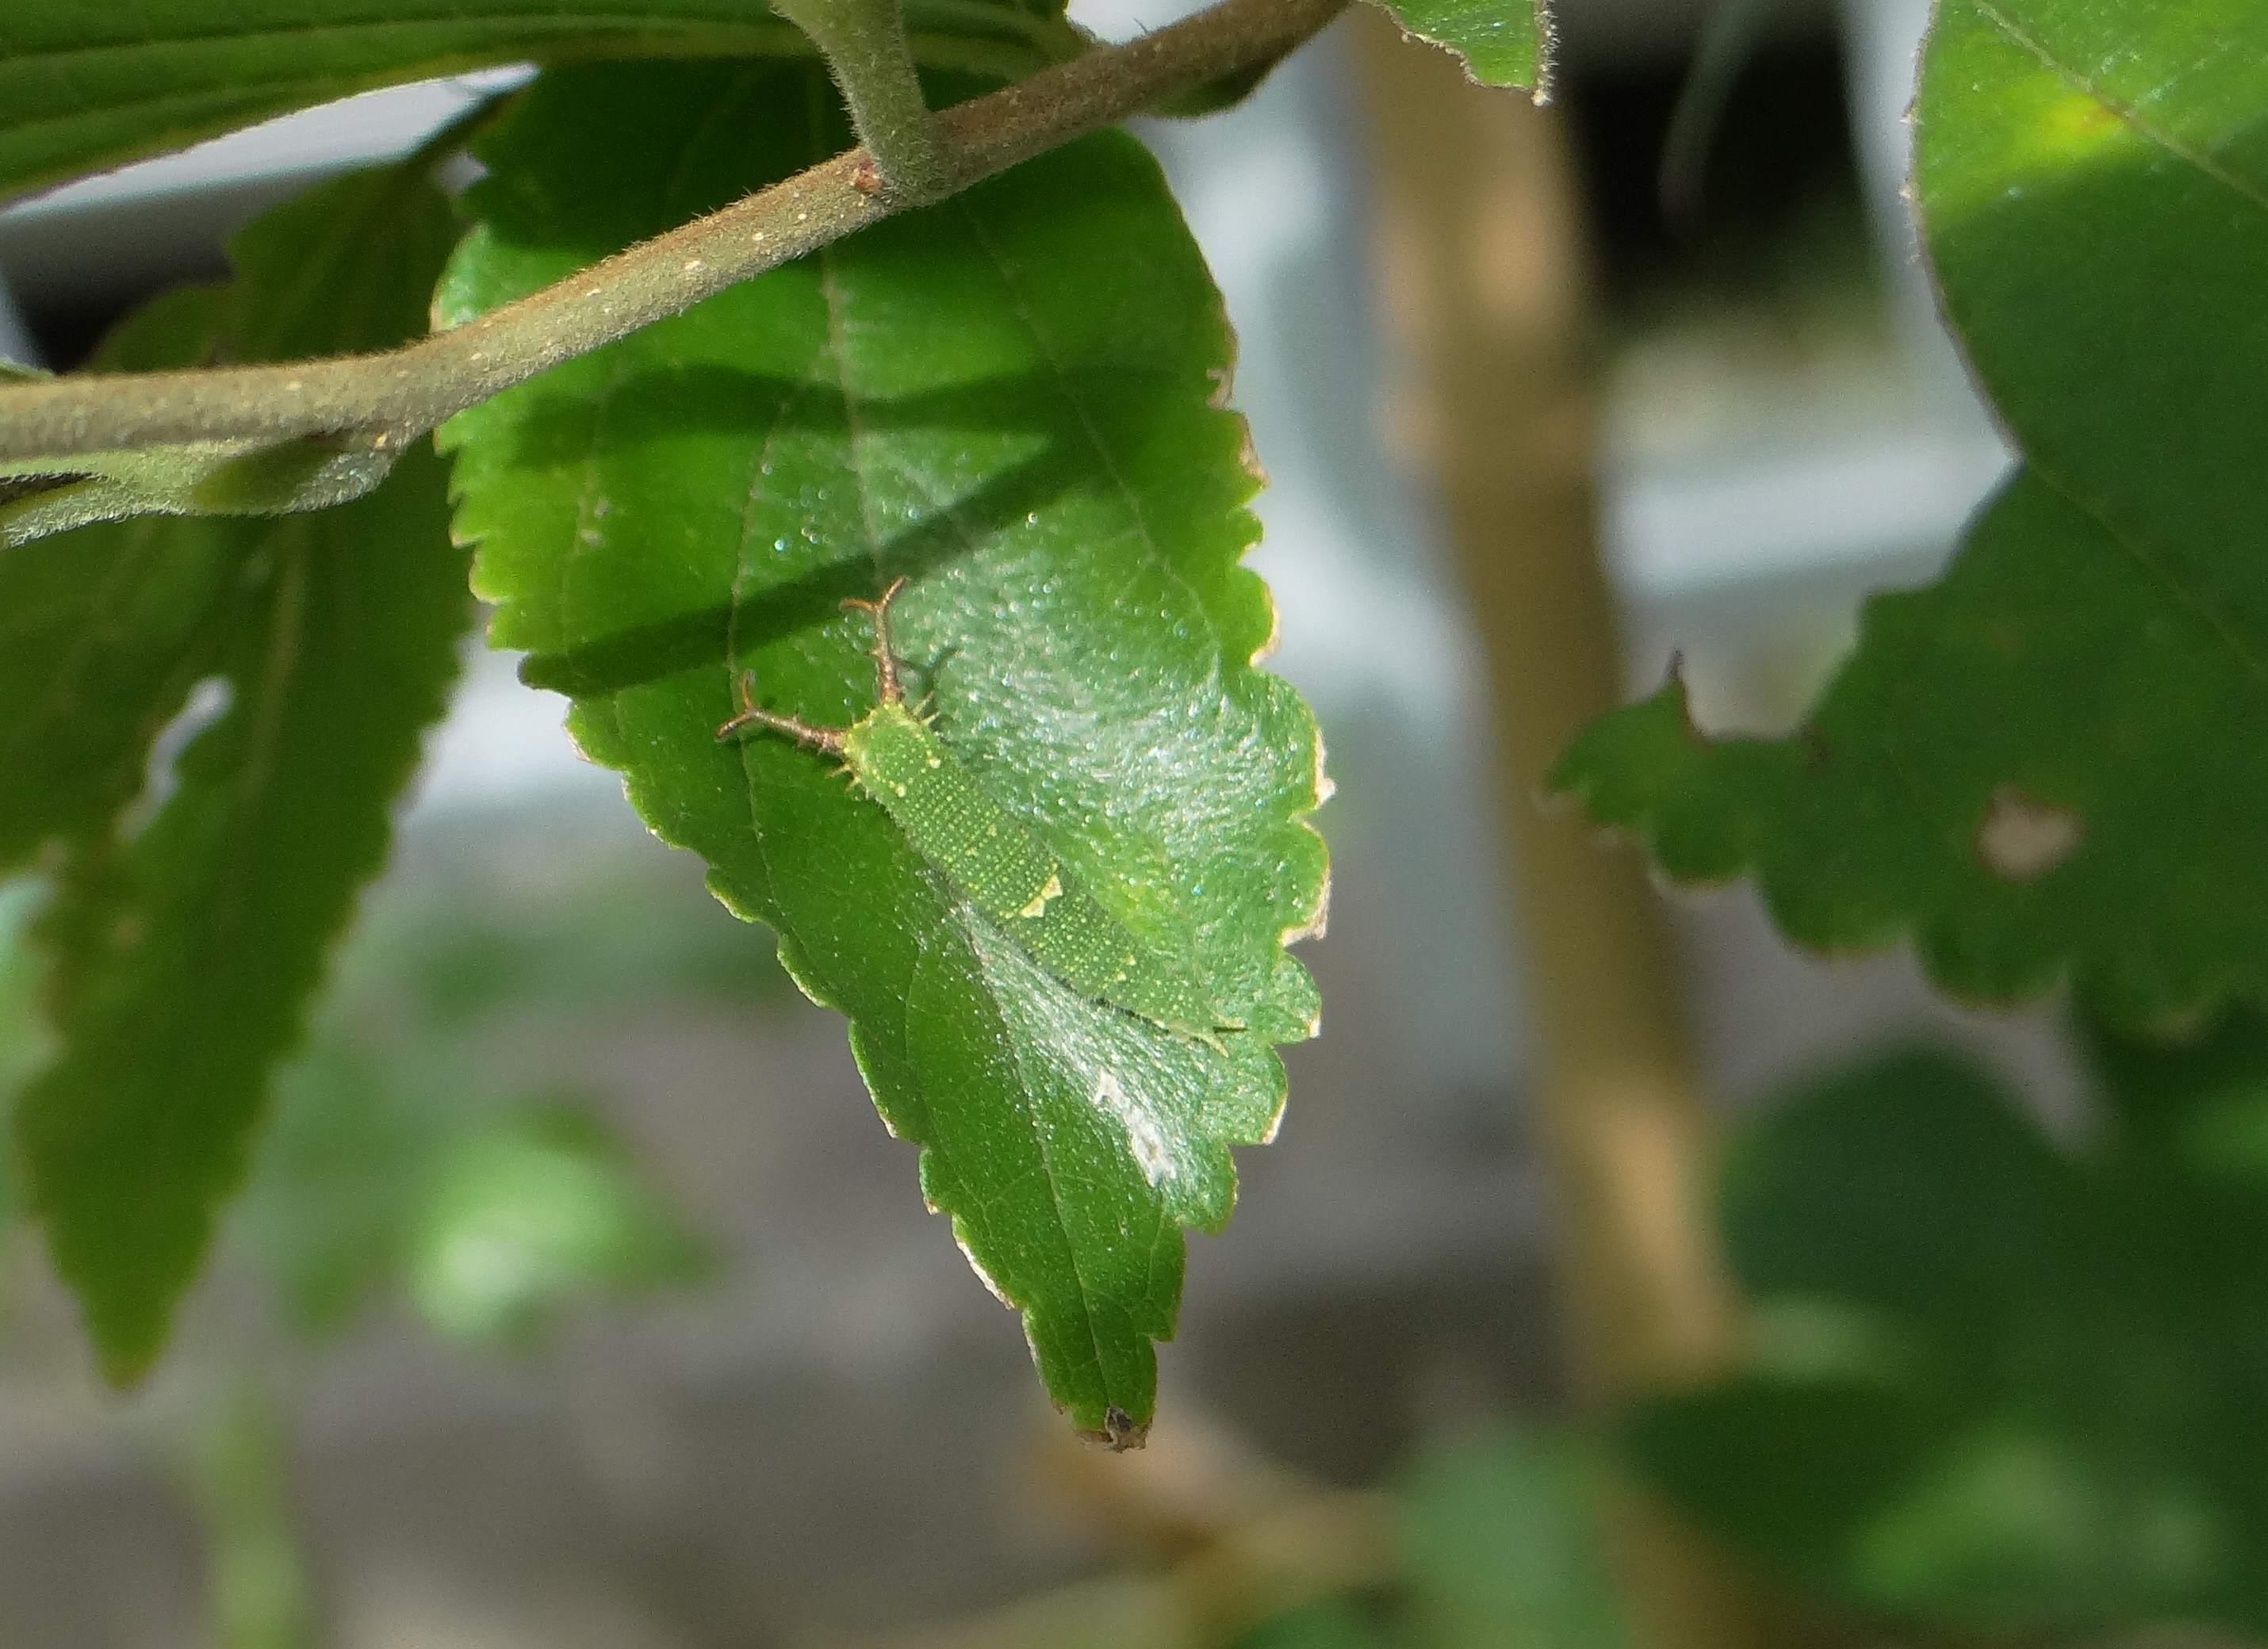 ゴマダラチョウの幼虫 庭のエノキにて_d0254540_18333677.jpg